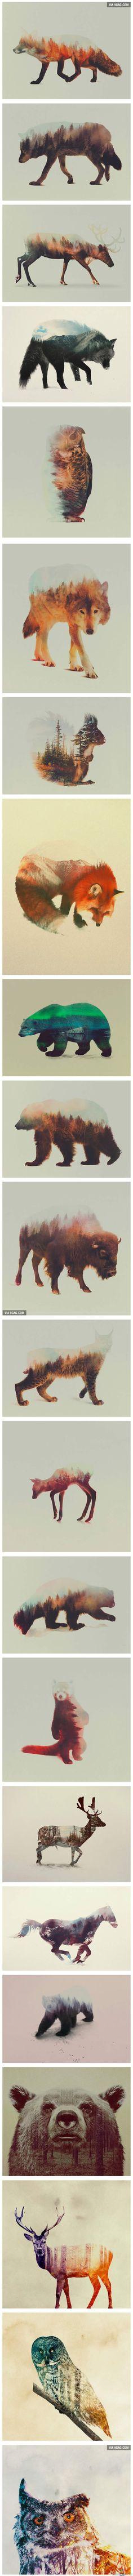 Eläimet ja elinympäristö